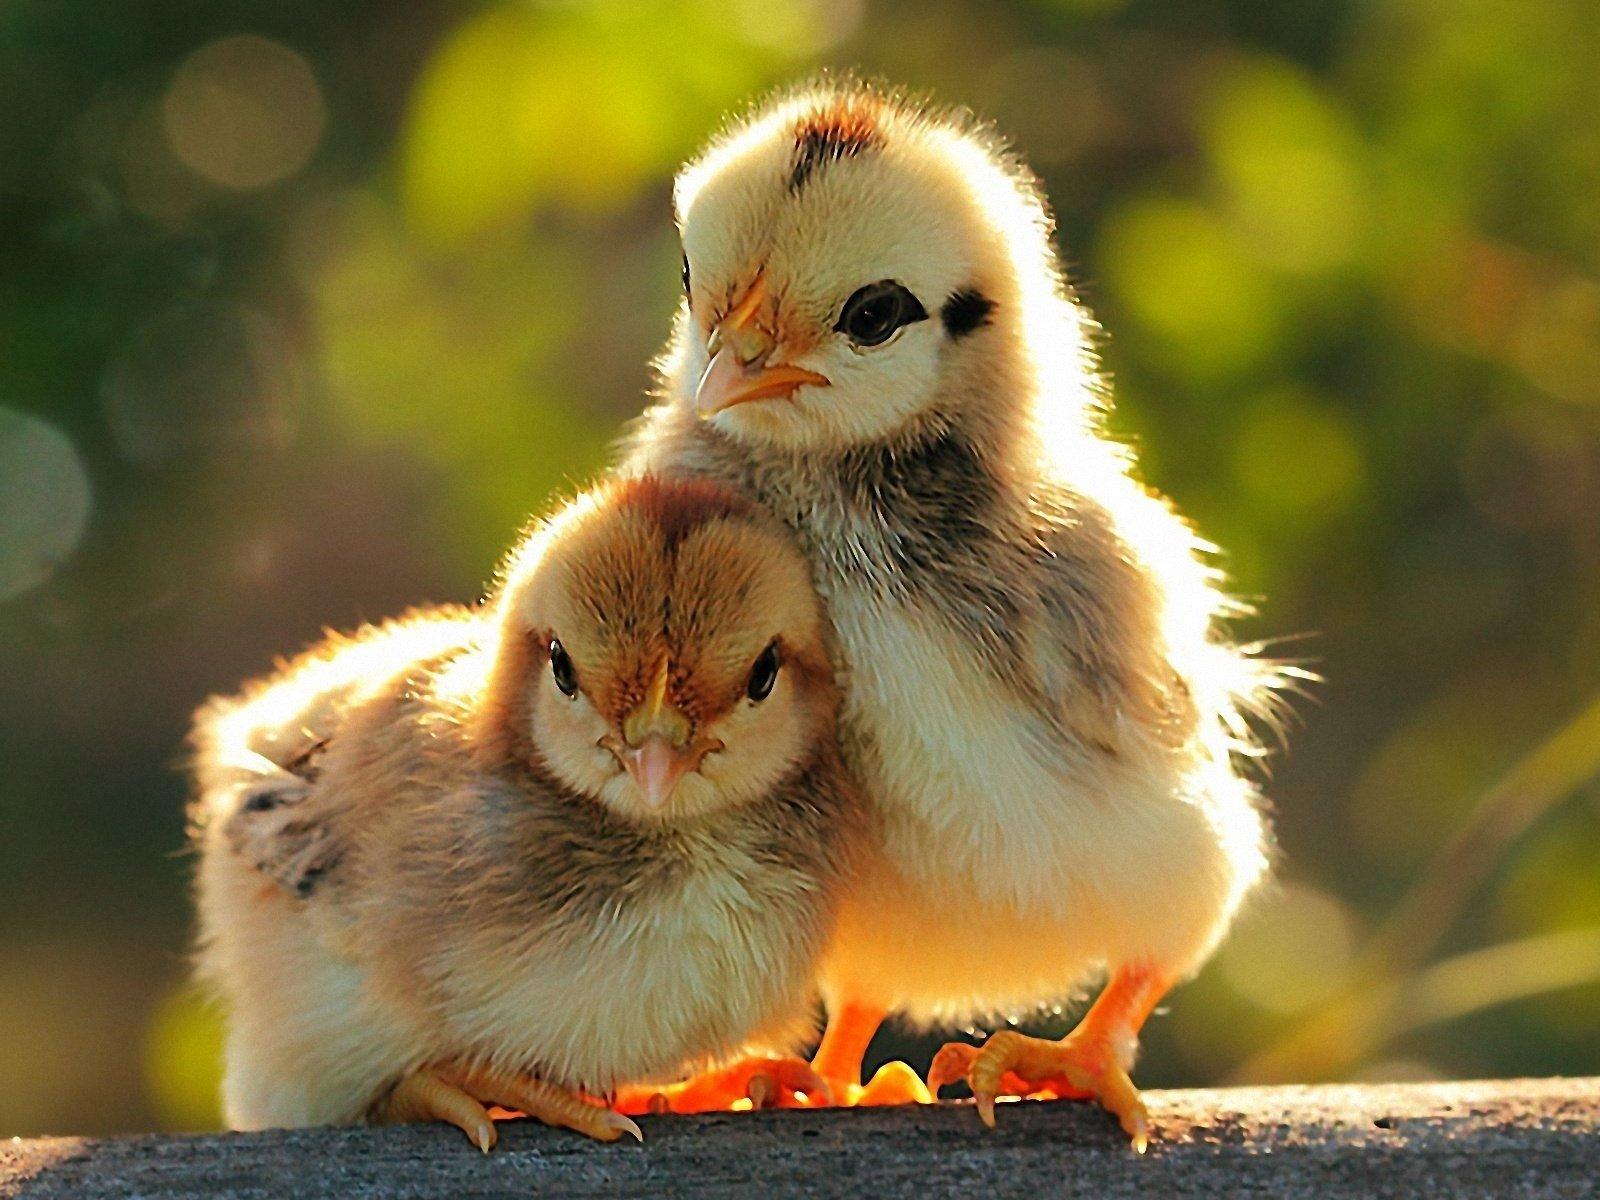 Beautiful baby chicken